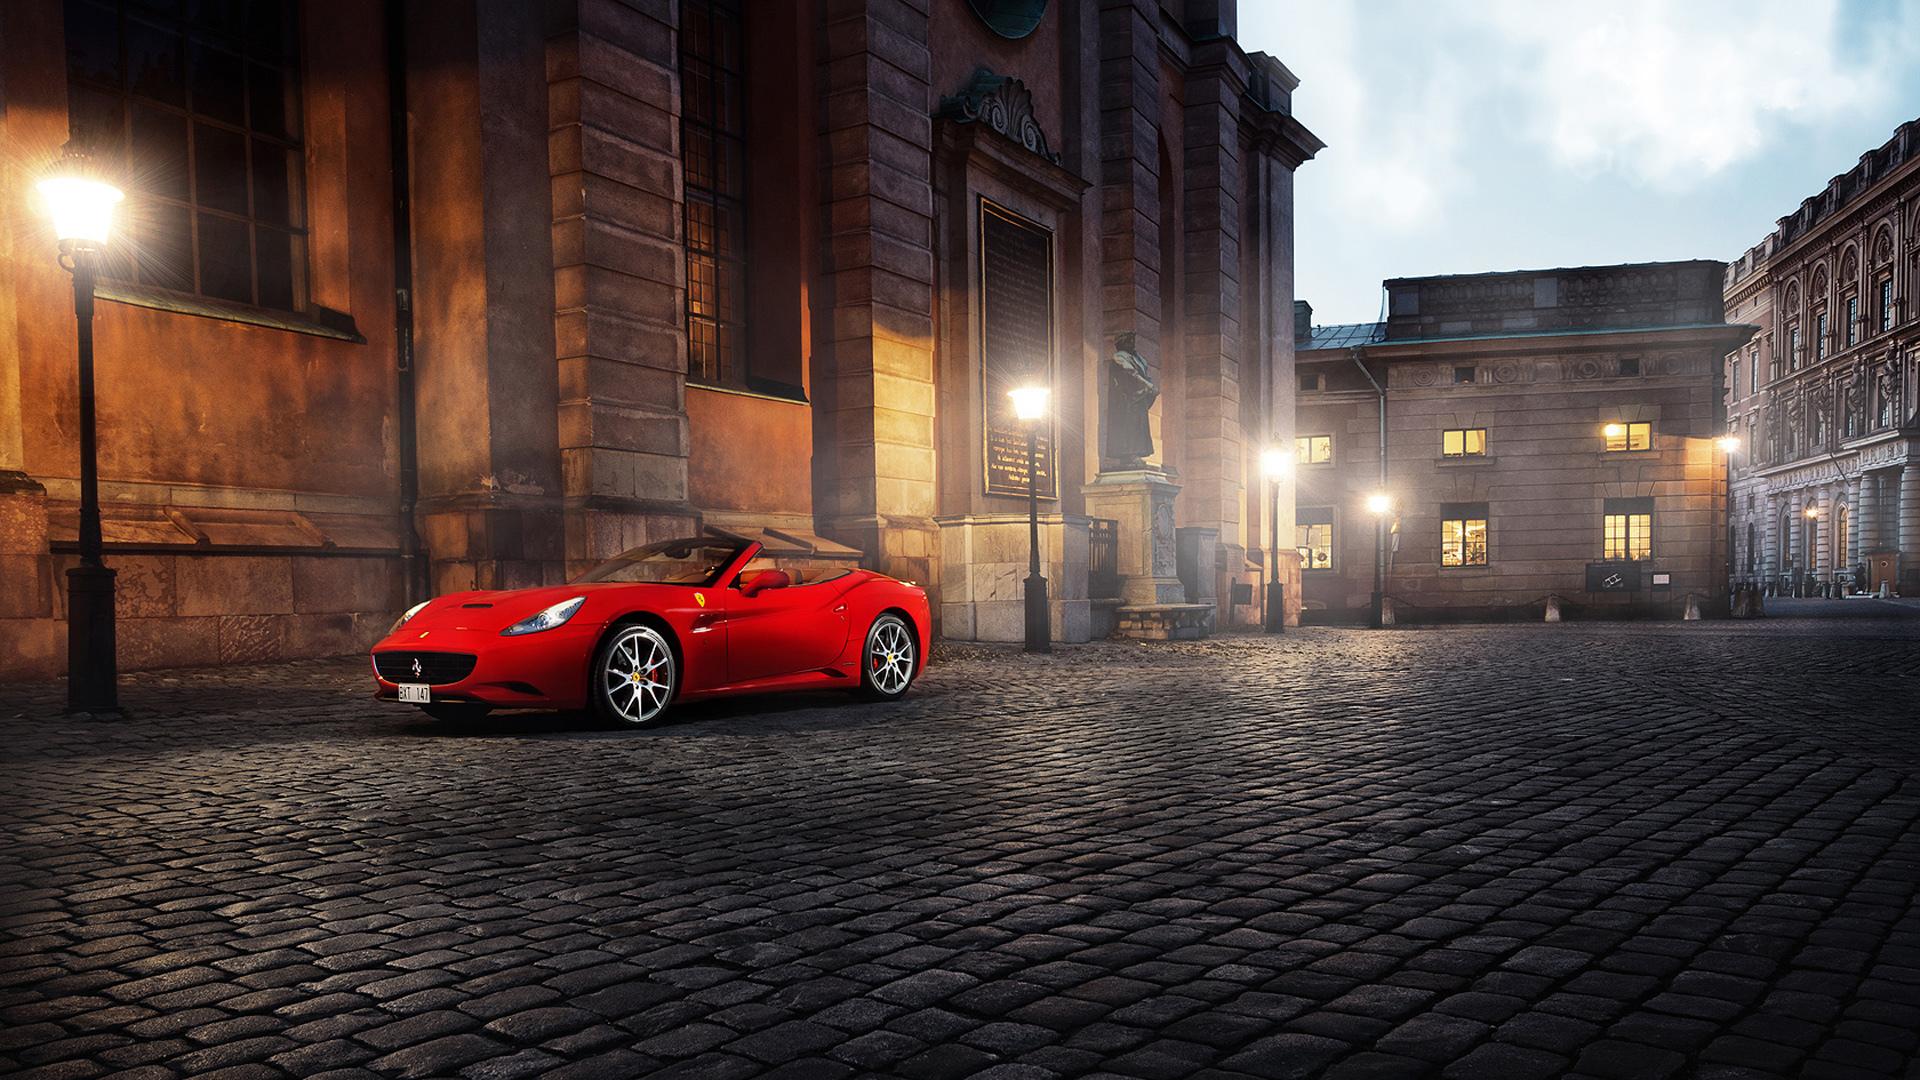 Imagenes De Autos En Hd Para Fondo De Escritorio: Ferrari California Rojo